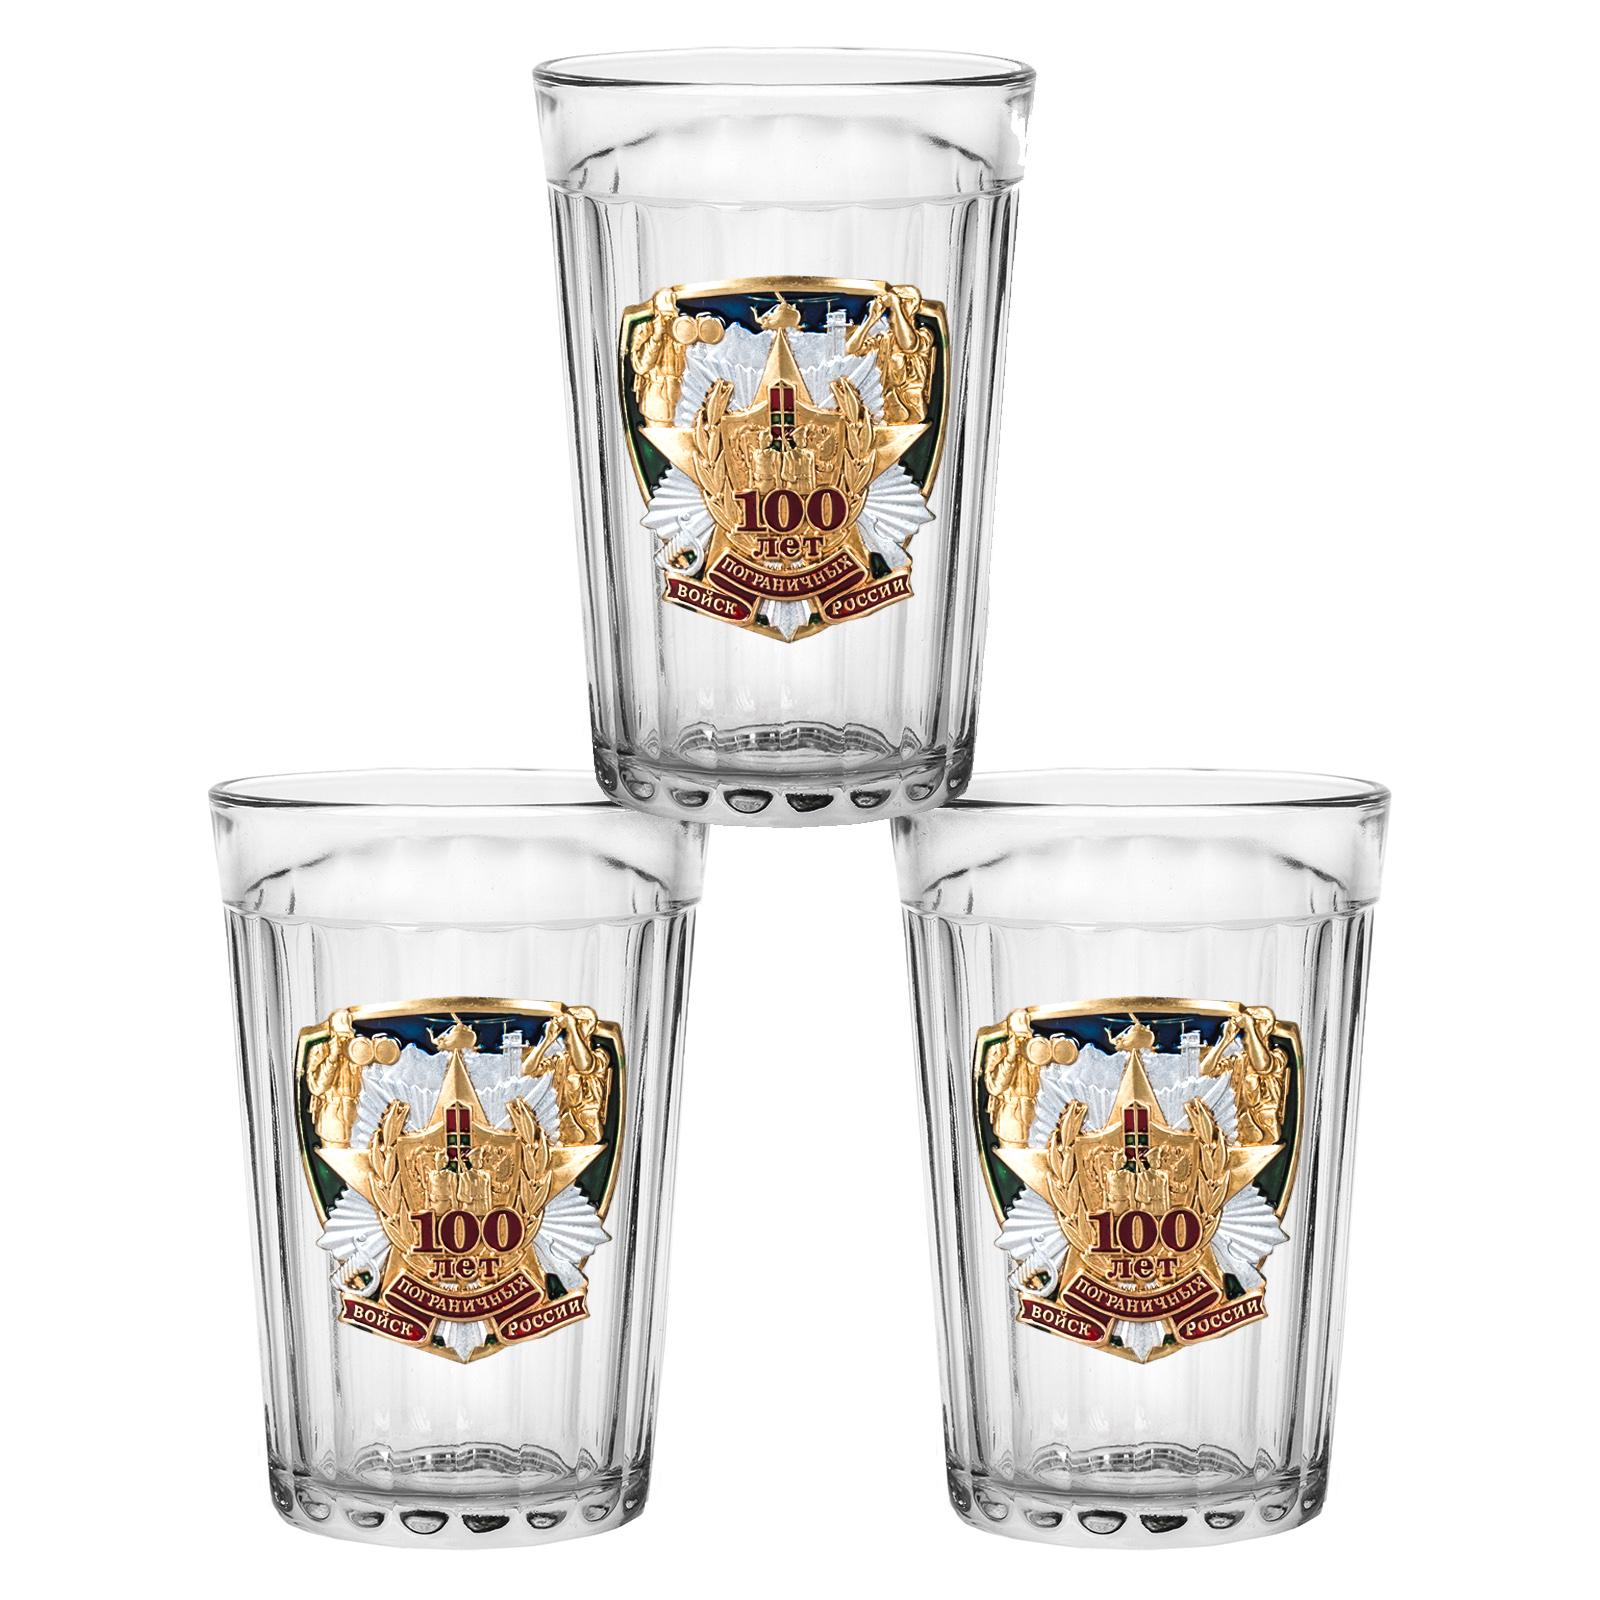 """Юбилейные стаканы """"100 лет Погранвойскам"""" в наборе 3 шт. с доставкой"""